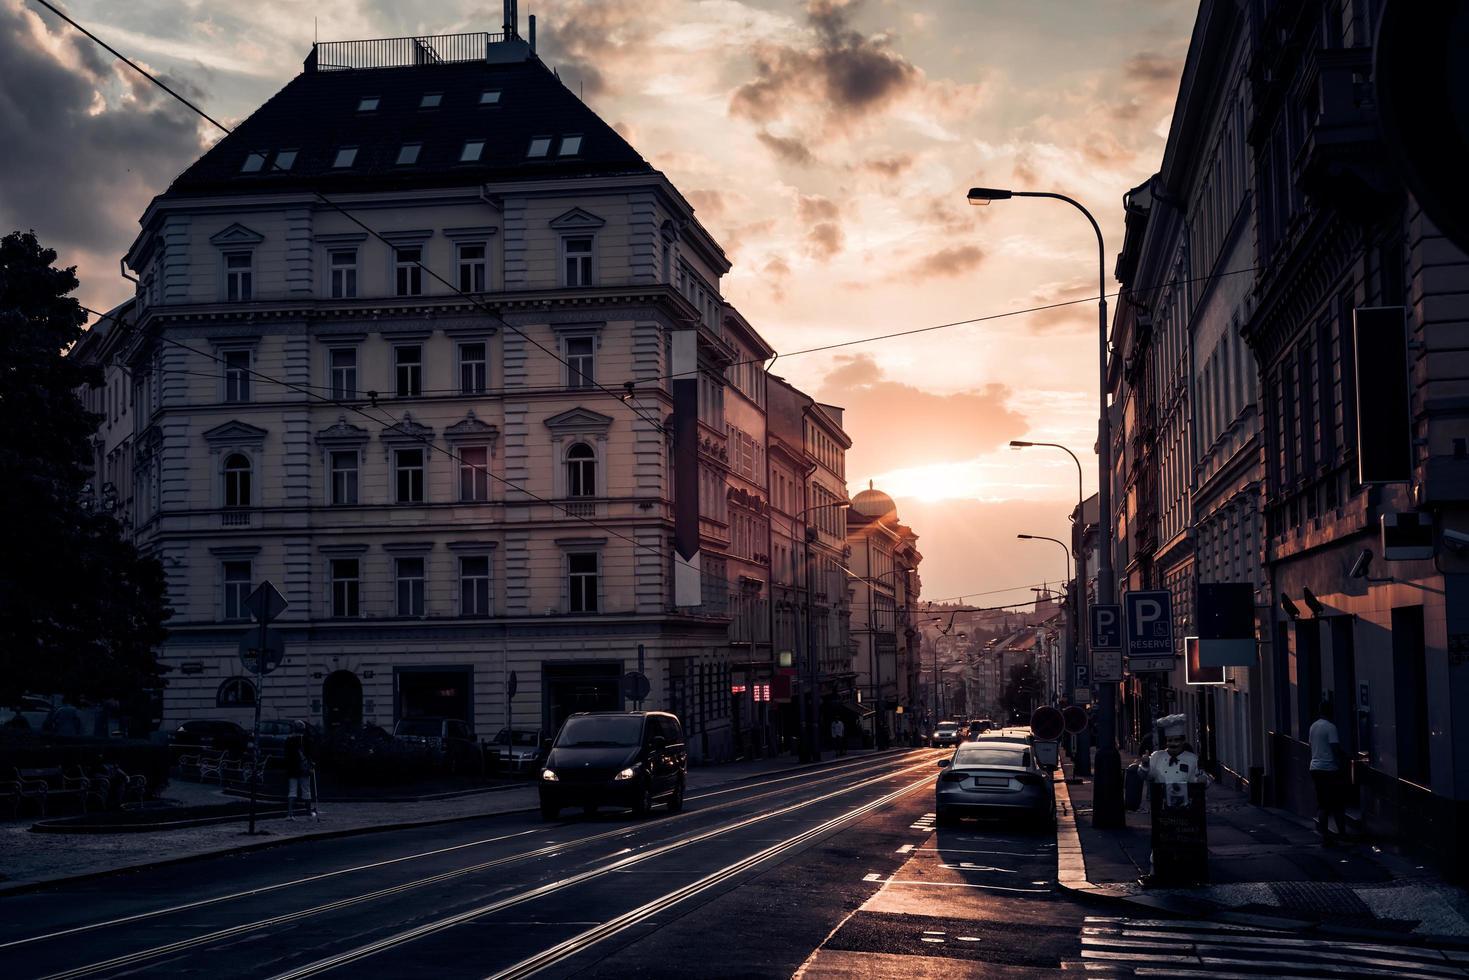 Tjeckien 2016 - utsikt över gatan Seifertova vid solnedgången foto